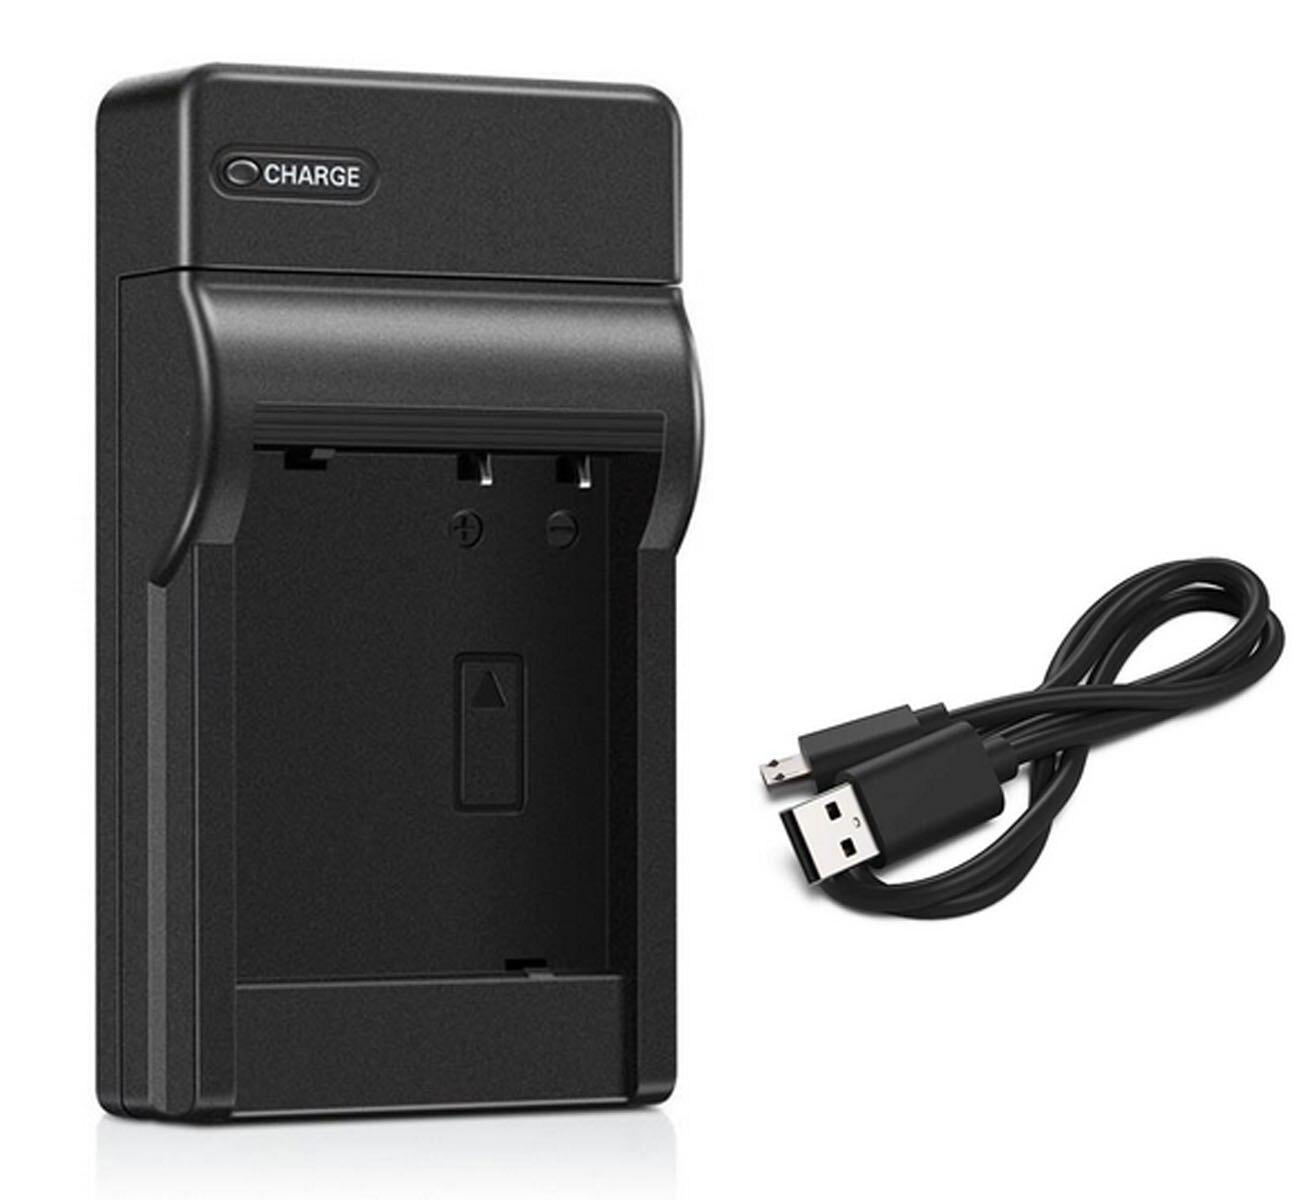 du21 vw-vbd210 para Panasonic sdr-h20 nv-gs33 cable de carga Cargador cga-du12